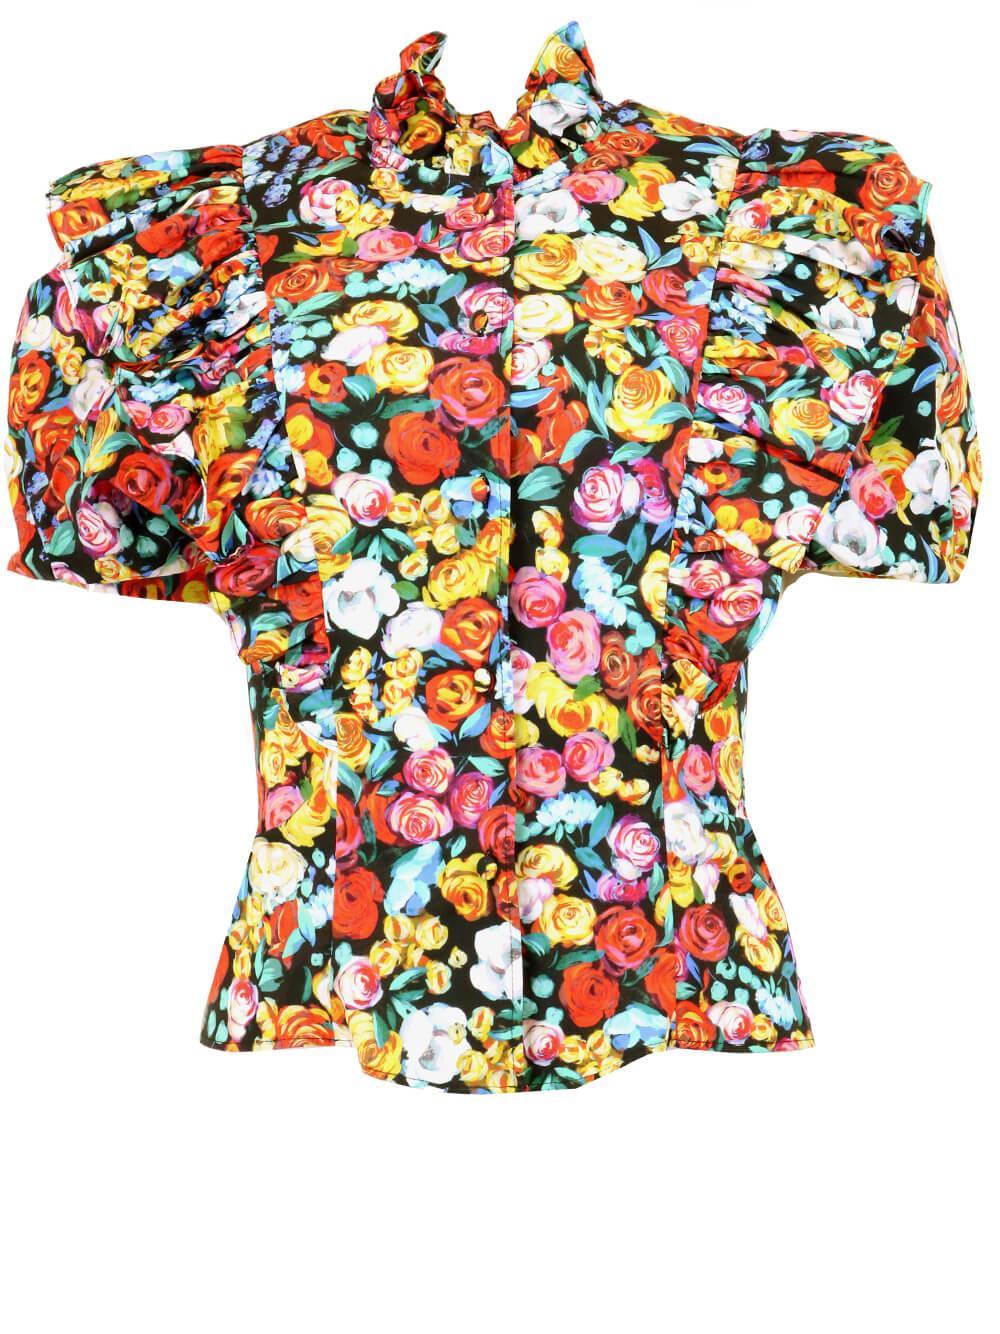 Knox Floral Top